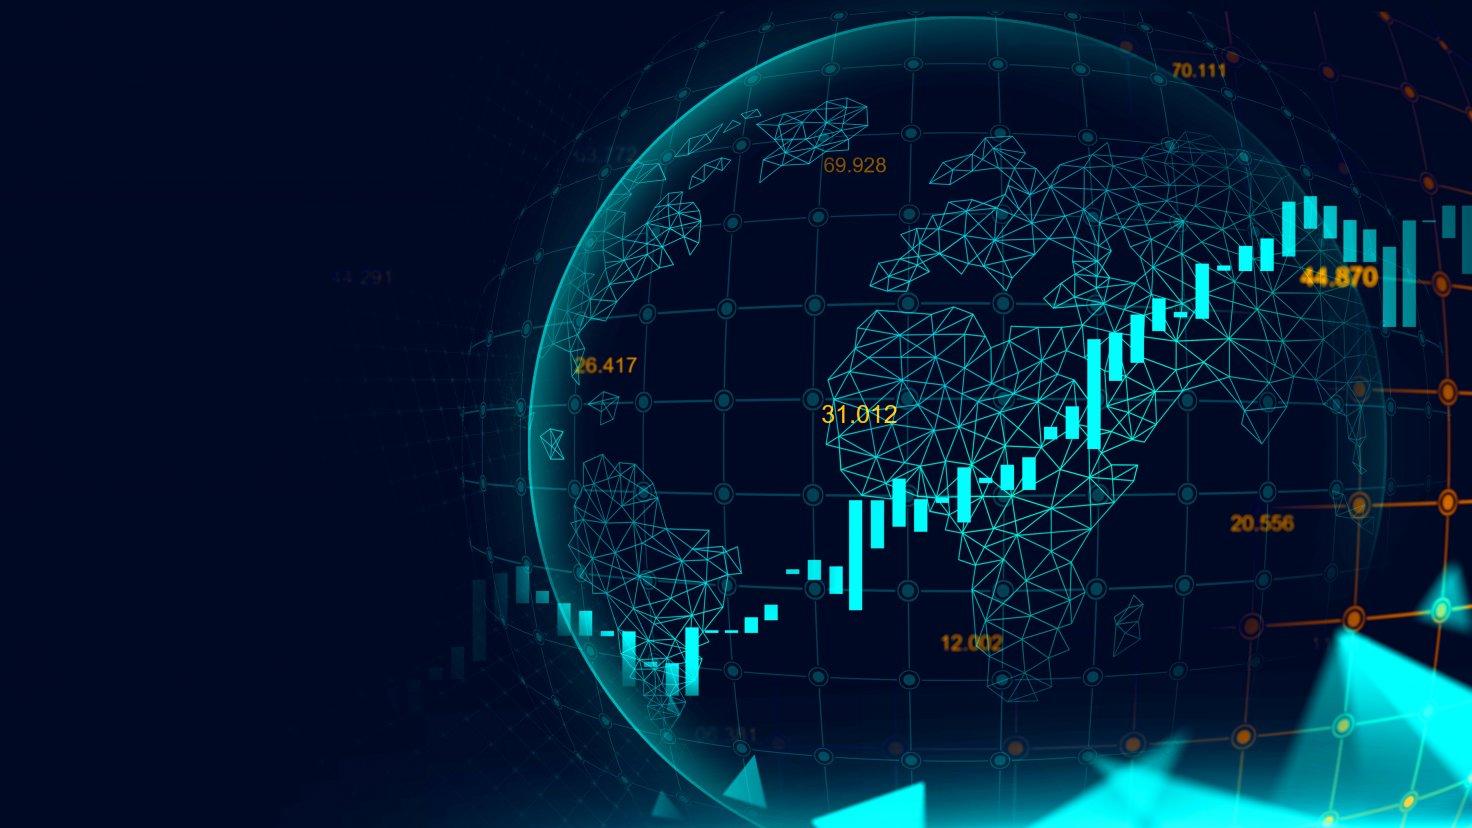 Die Analyse zeigt, dass viele Langzeitinhaber in diesem Zeitraum einen Tiefpunkt bei Bitcoin erreicht haben